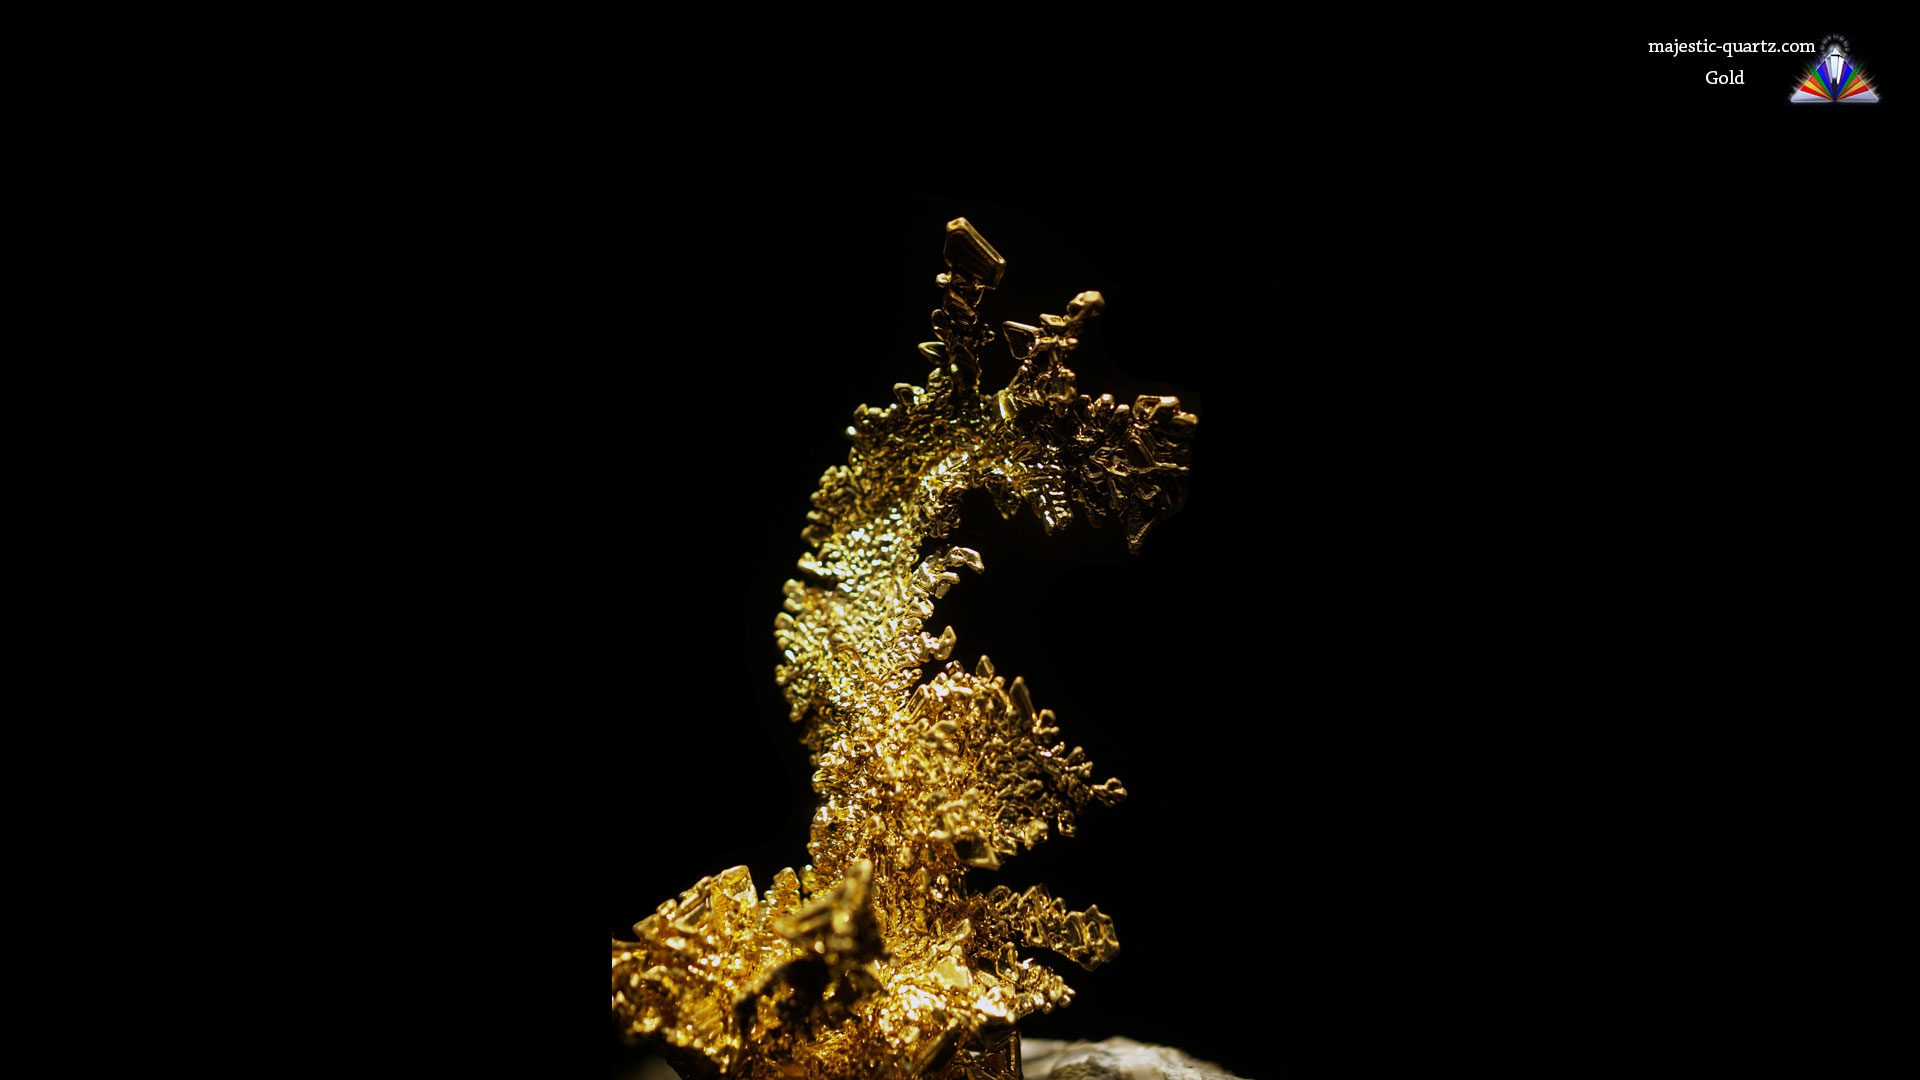 Gold Crystal Specimen - Mineral Specimen